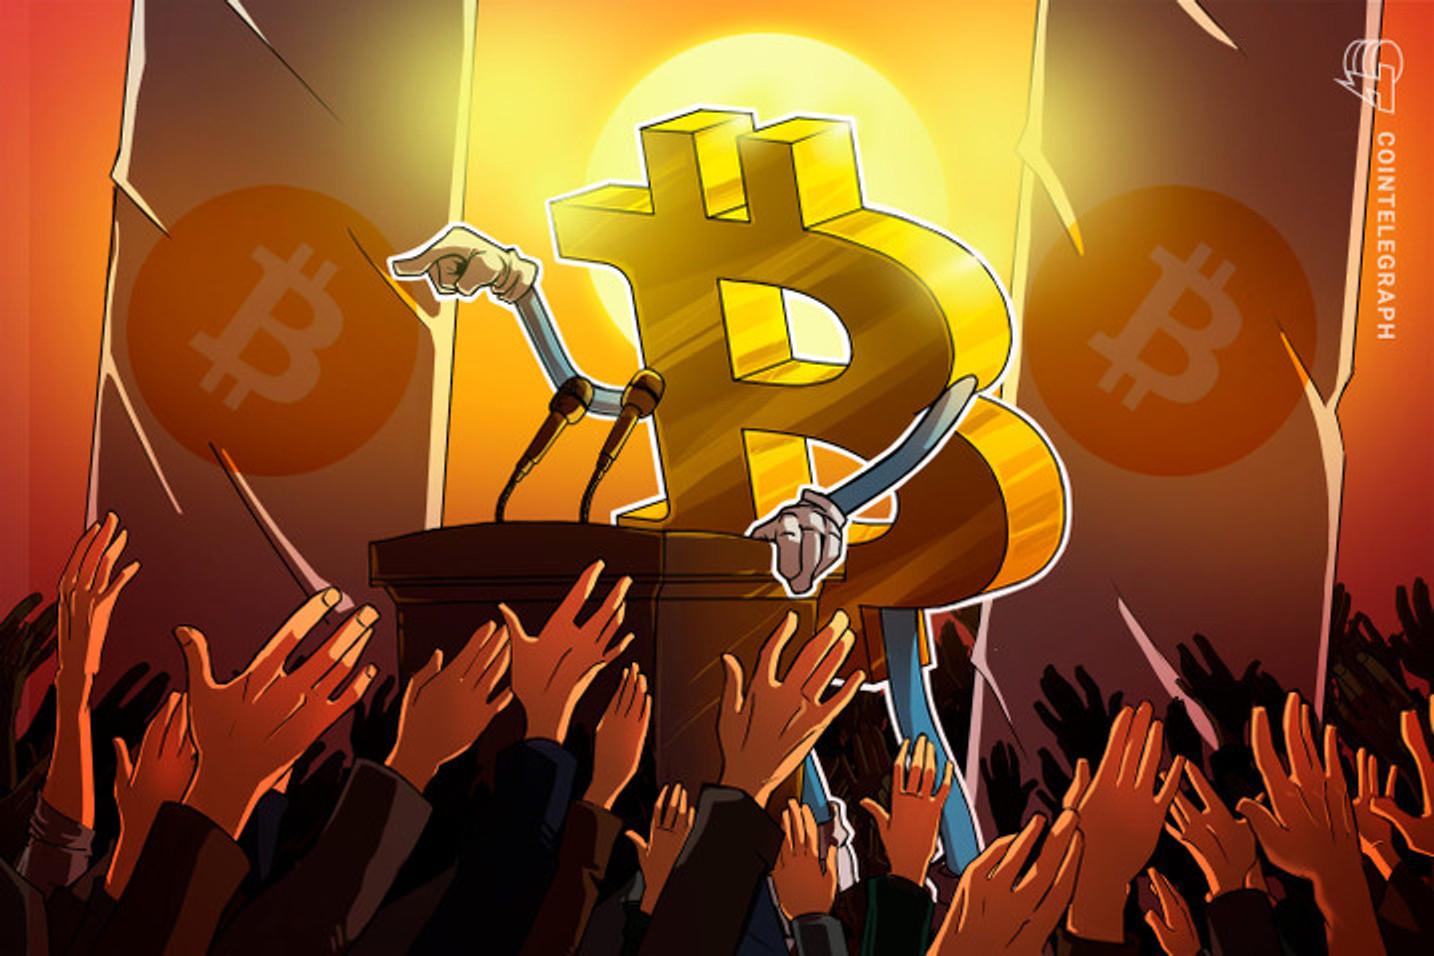 Bitcoin se niega a morir y la criptomoneda se prepara para un rally a los 50 mil dólares, afirma experto de Forbes